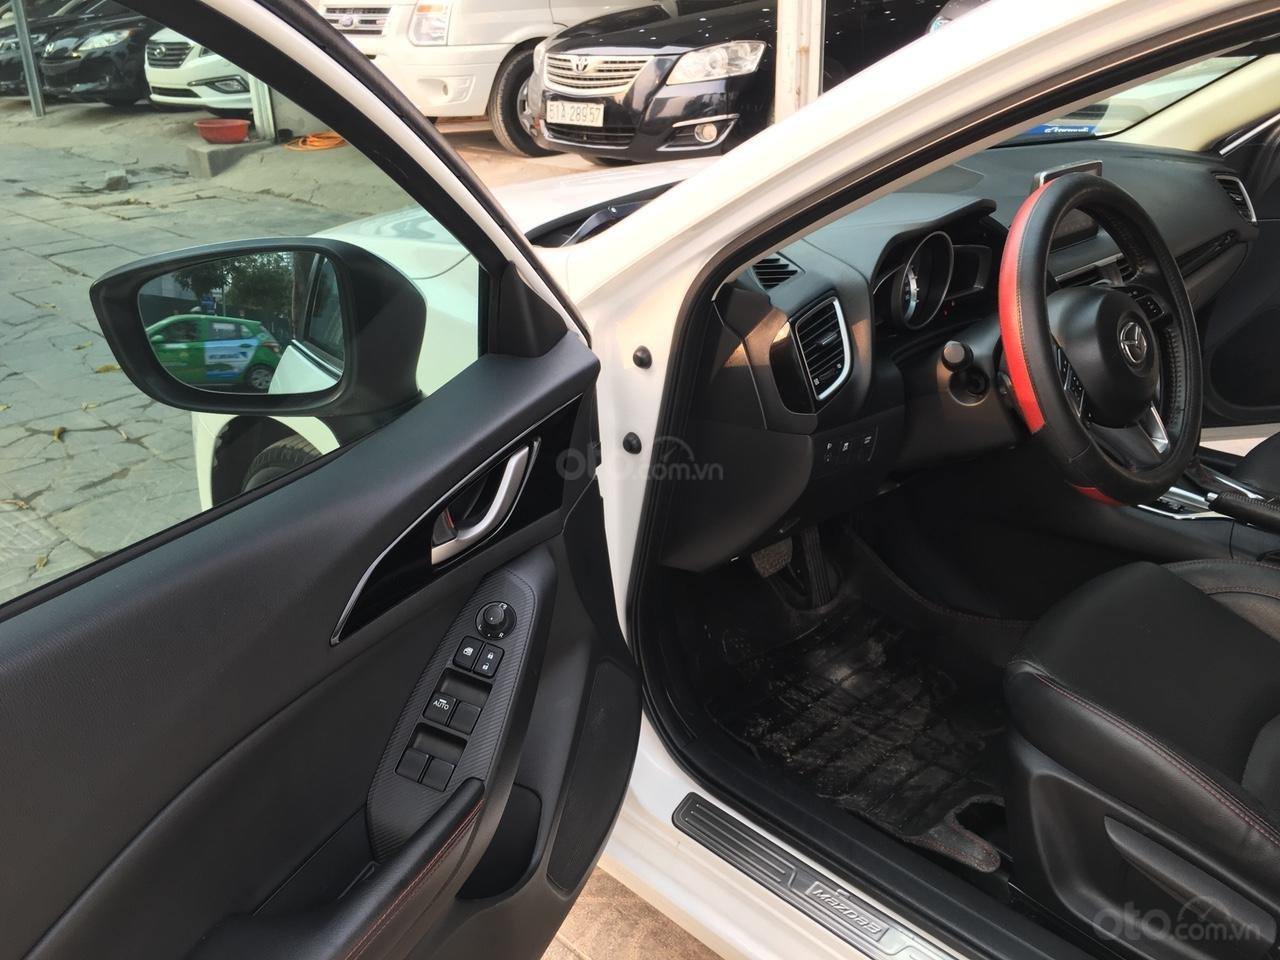 Cần bán xe Mazda 3 1.5 AT năm sản xuất 2017, màu trắng giá cạnh tranh-7